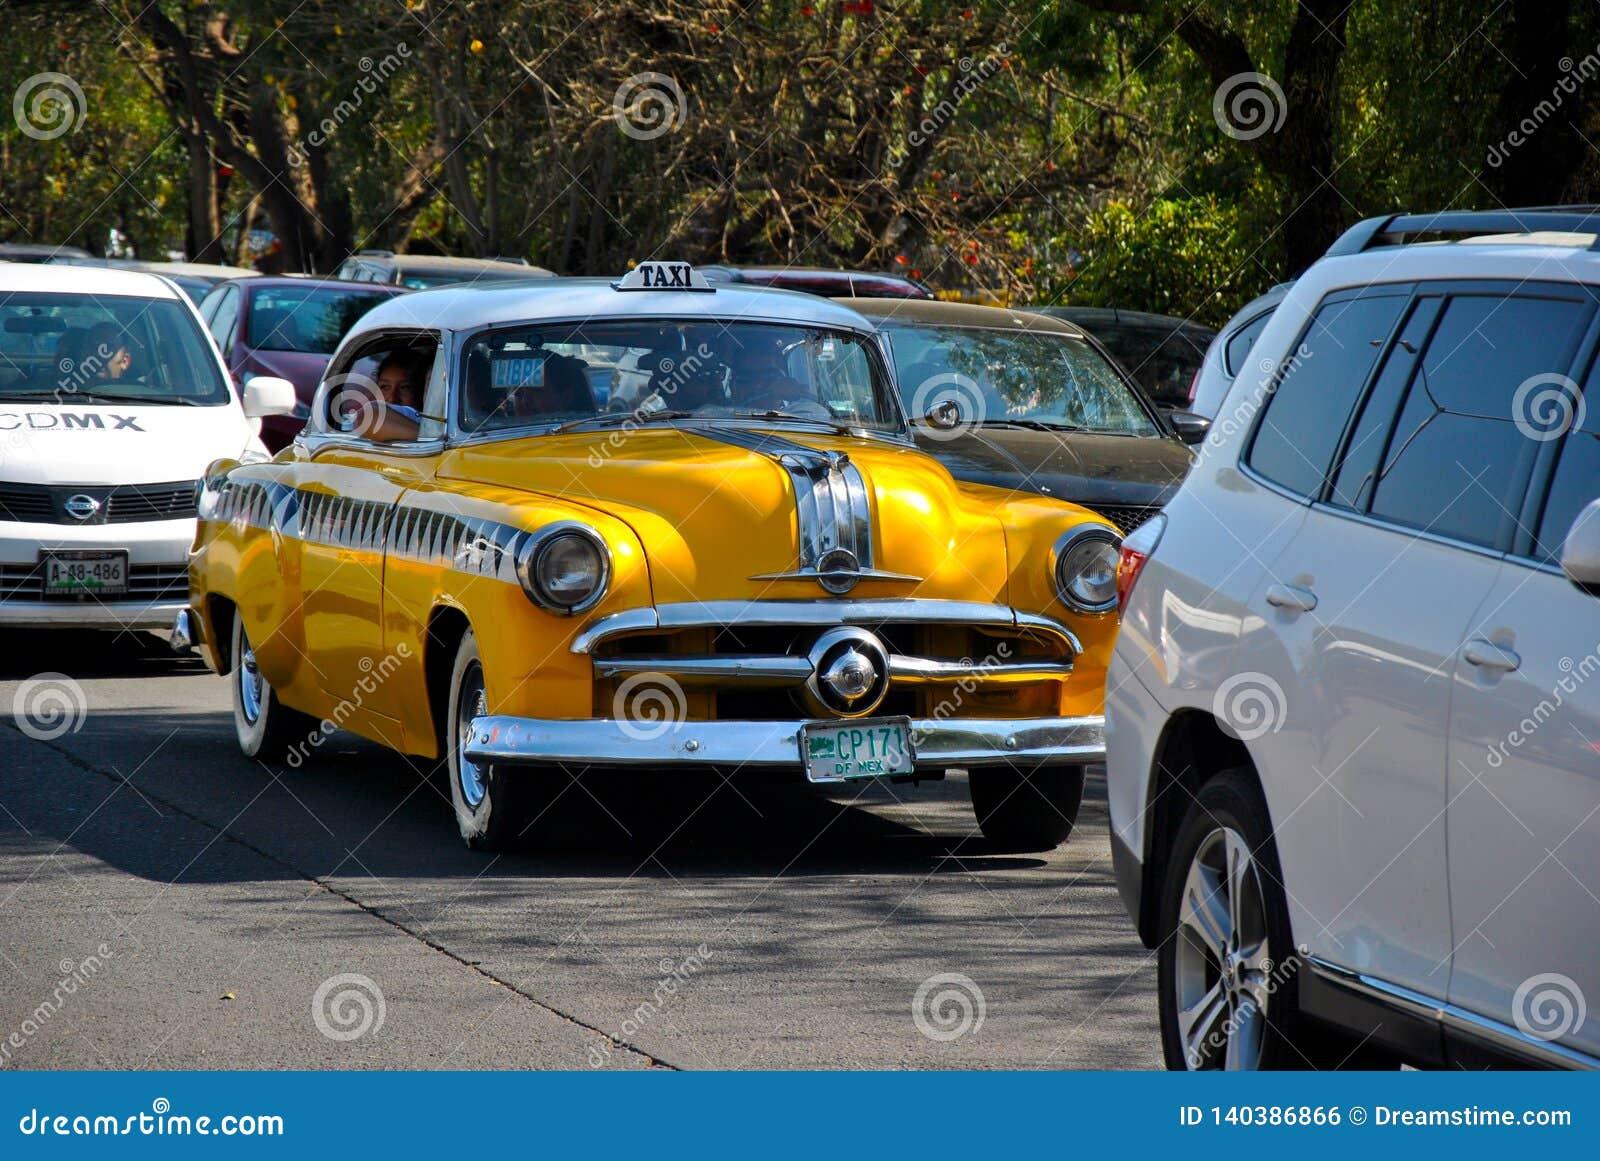 Παλαιό ταξί που κυκλοφορεί γύρω από τη μεγάλη πόλη